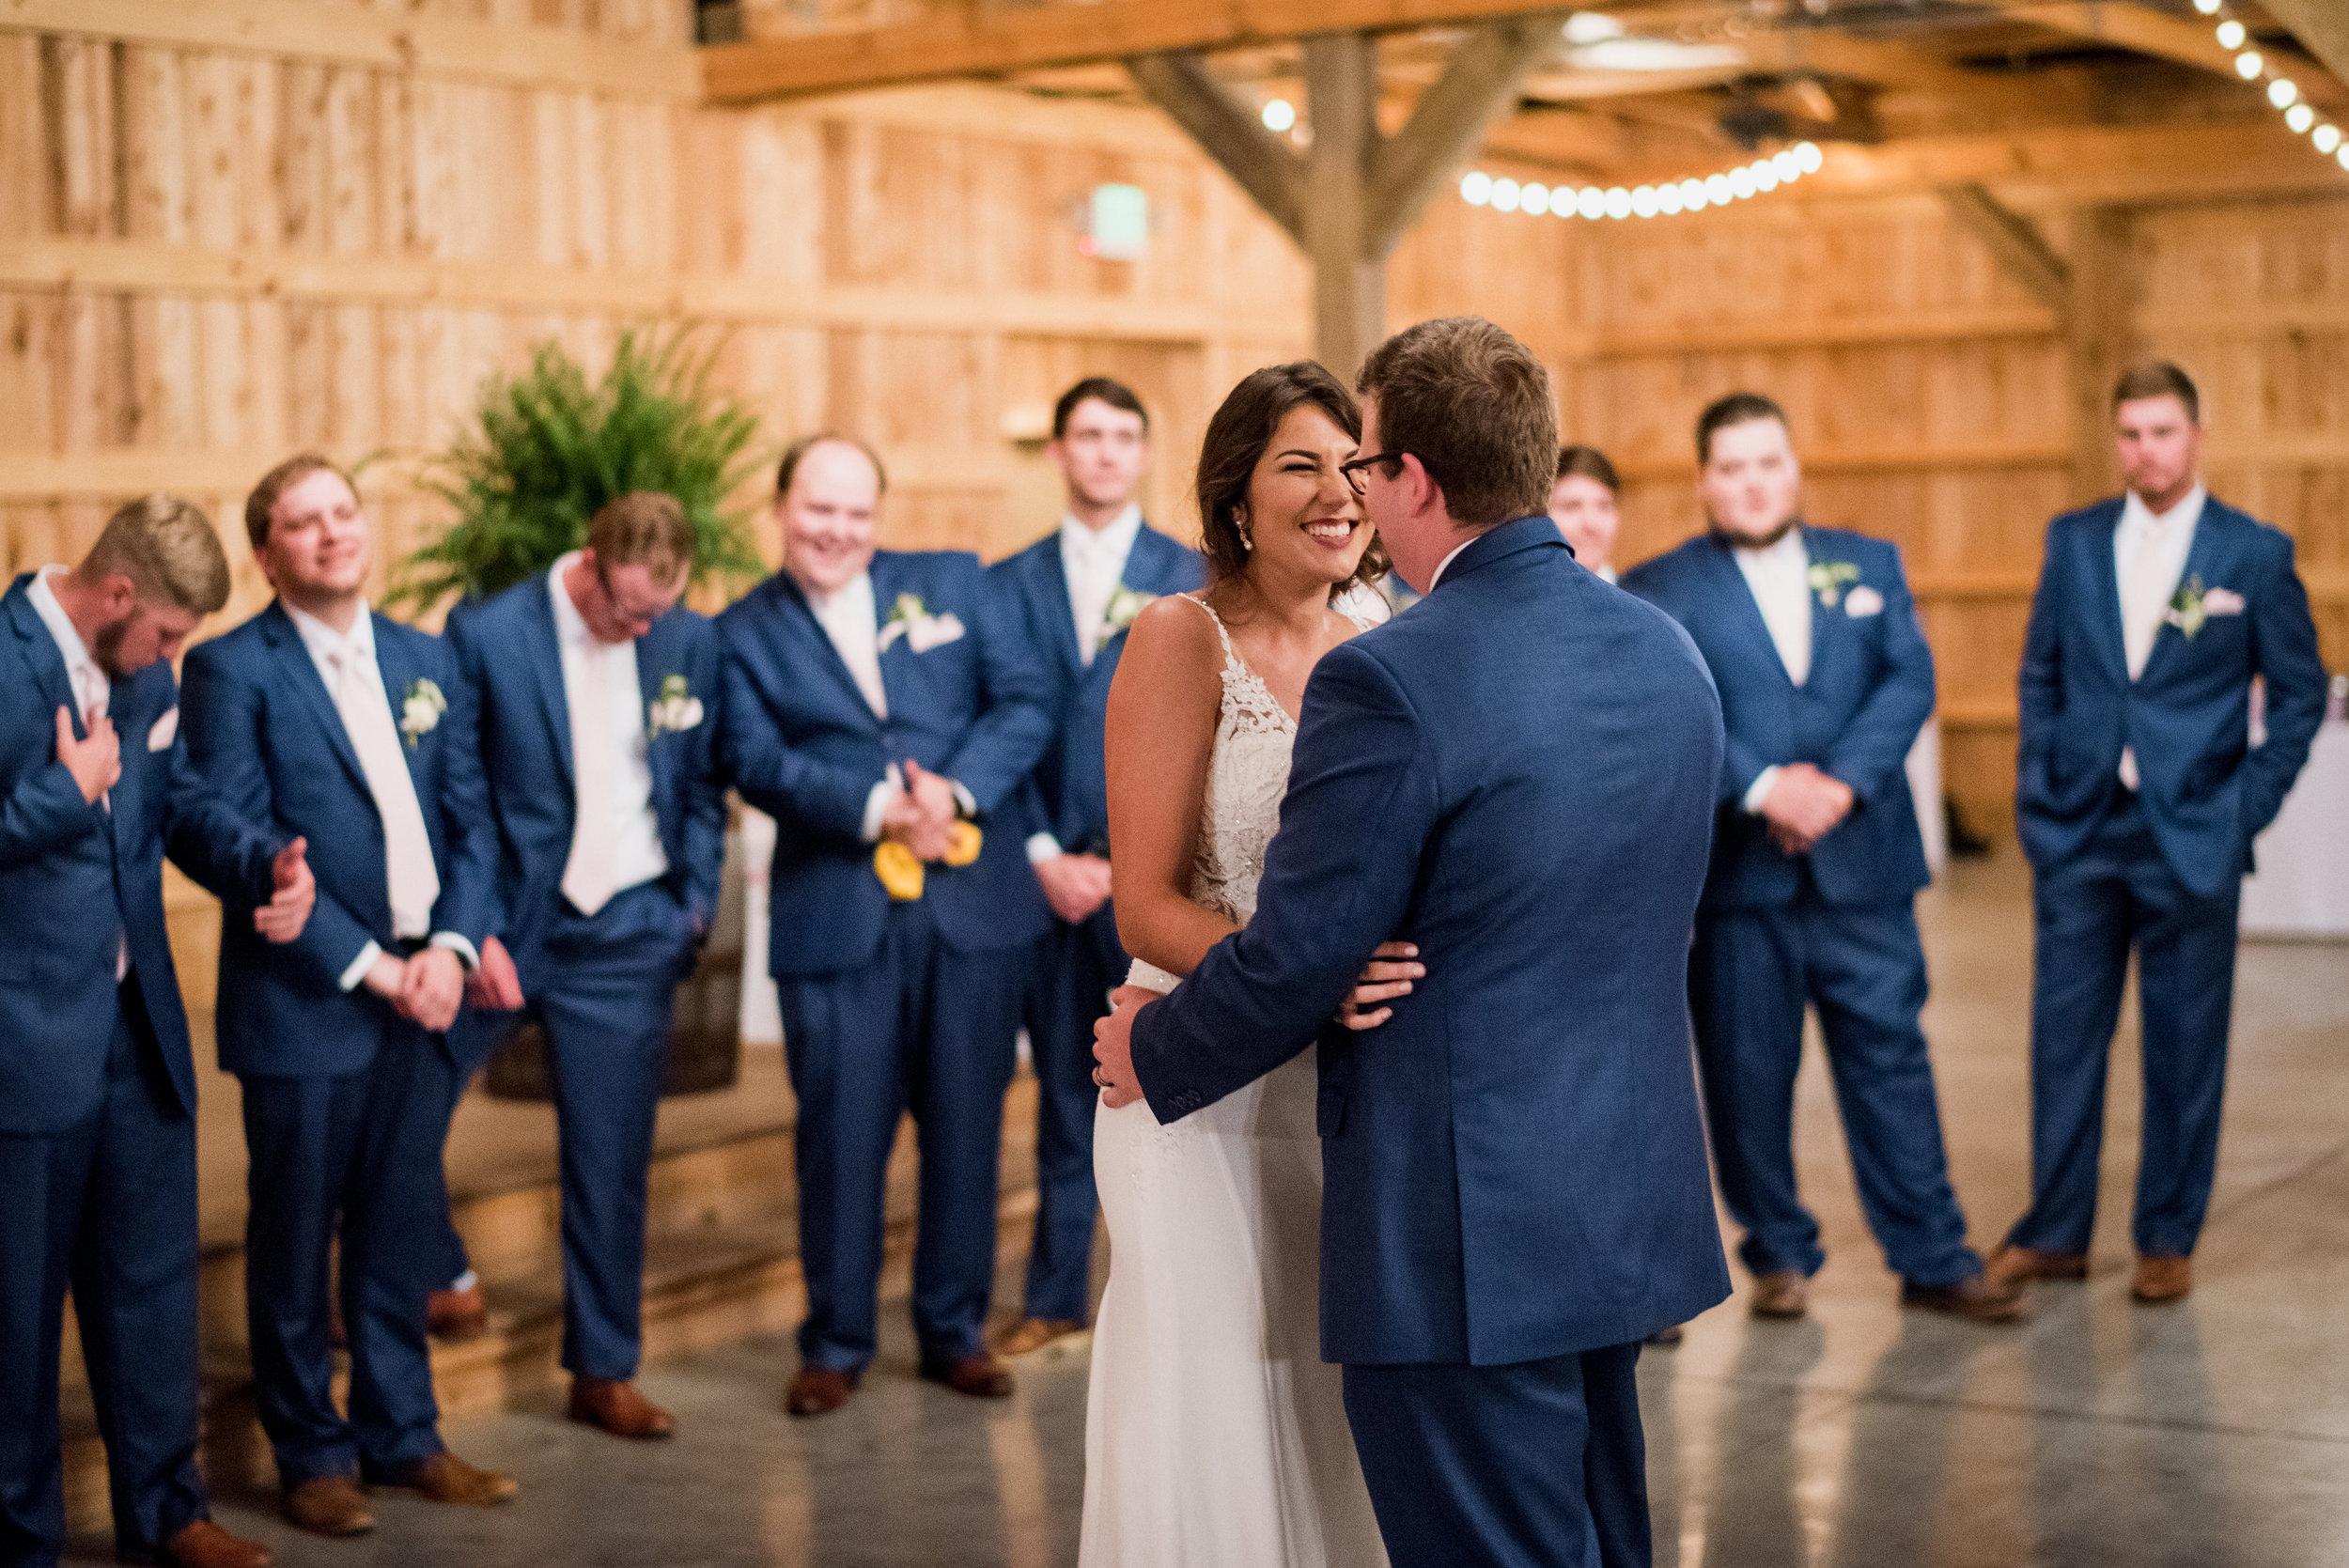 Saddlewood-Farms-Nashville-Wedding-Photographers-596.jpg